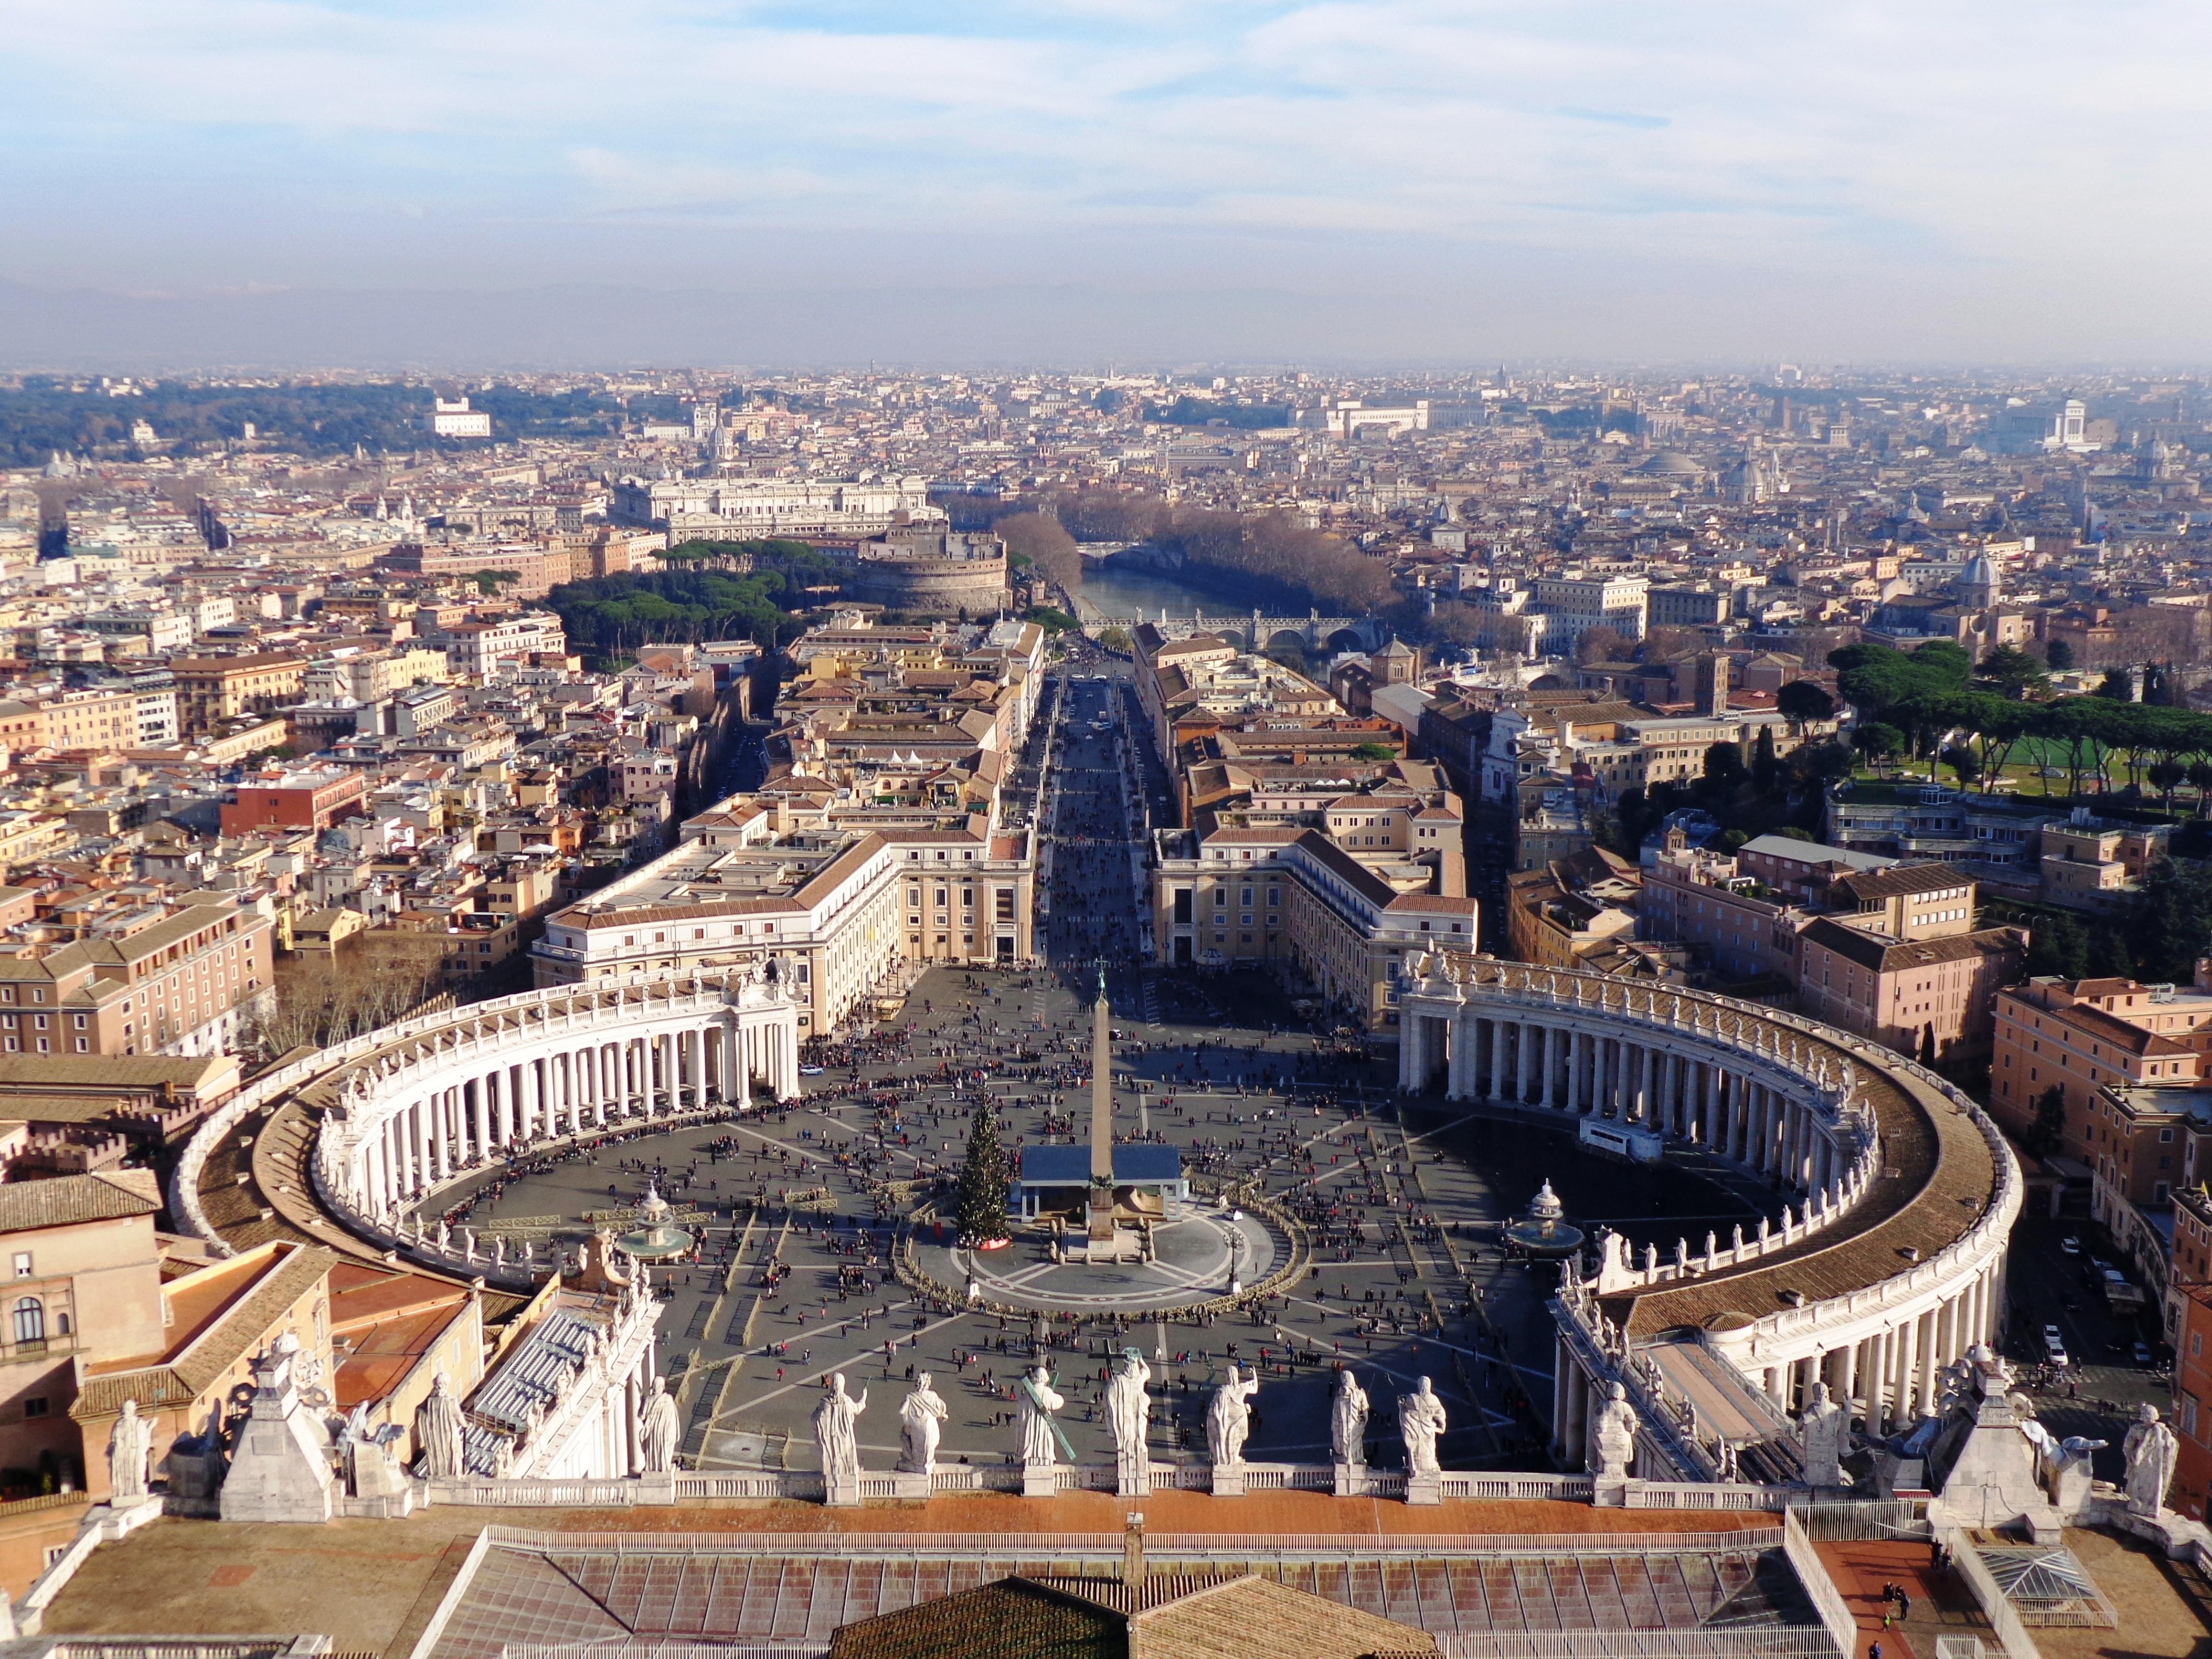 Vista de la Plaza San Pedro desde la cúpula de la Basílica San Pedro3